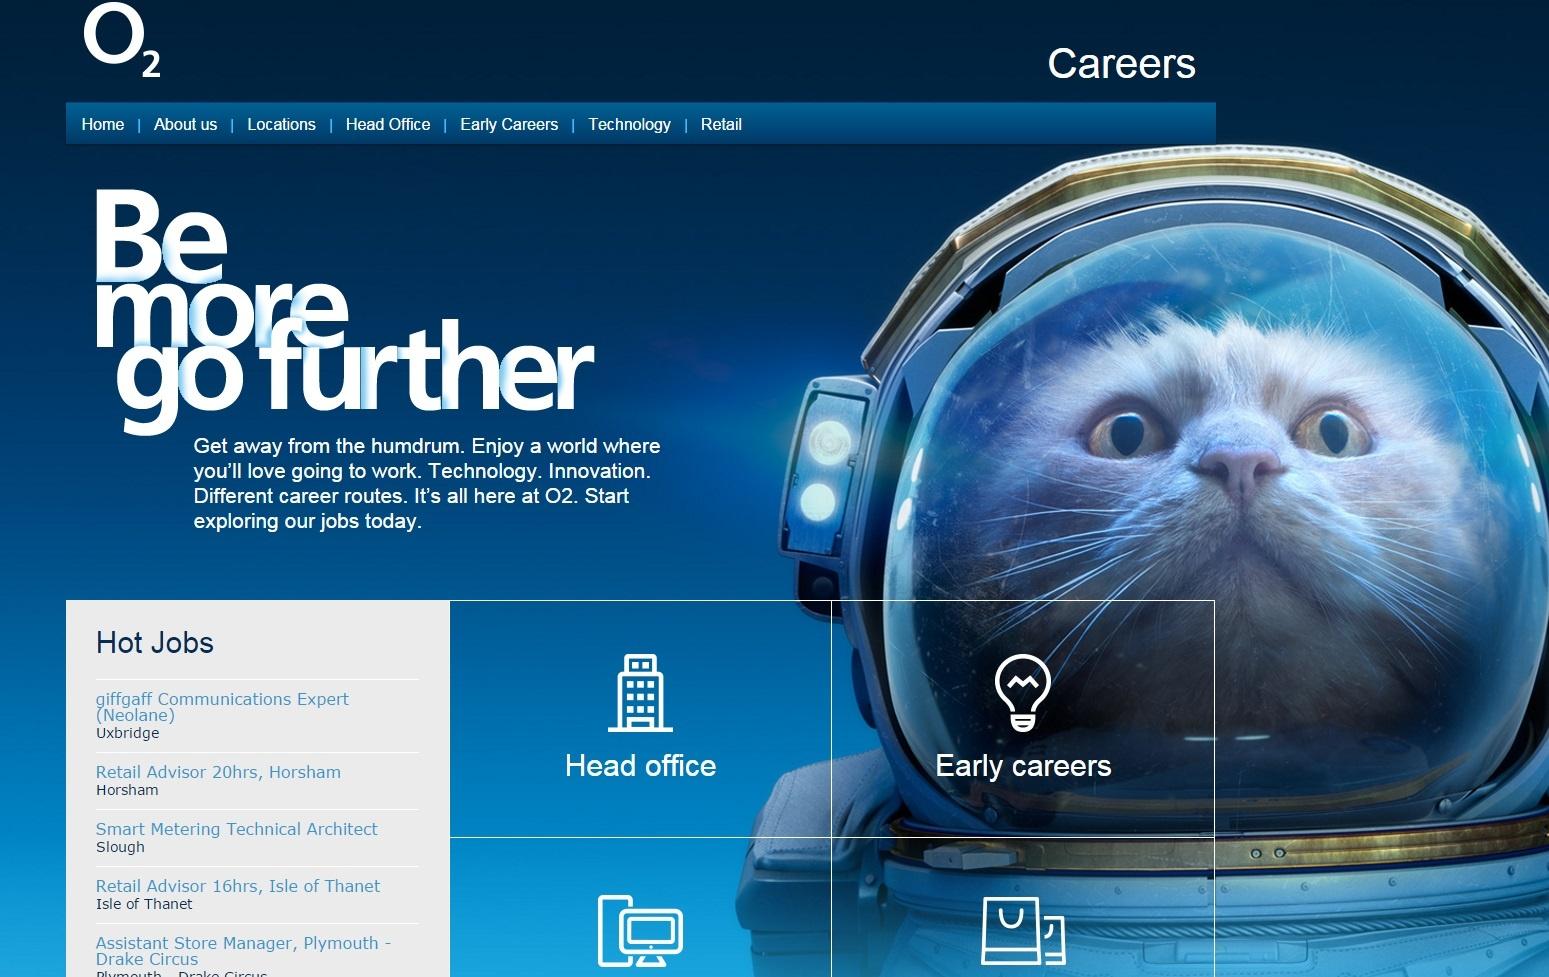 O2's Career Site